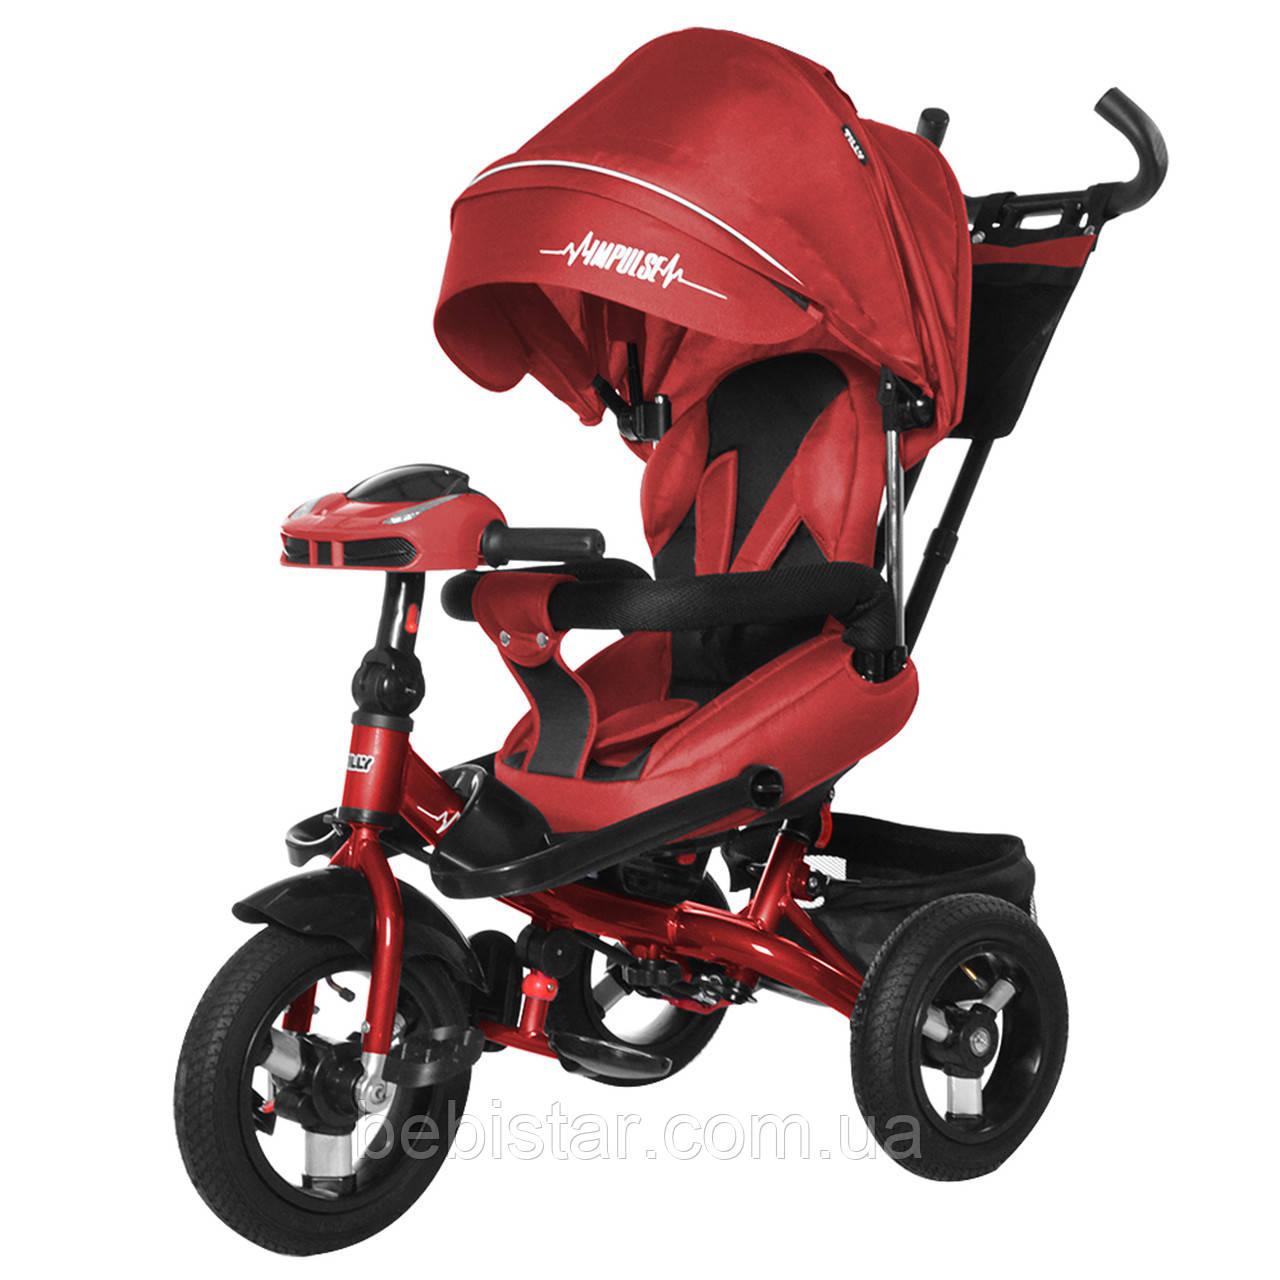 Трехколесный велосипед красный TILLY Impulse Т-386 с пультом на надувных колесах музыка и свет